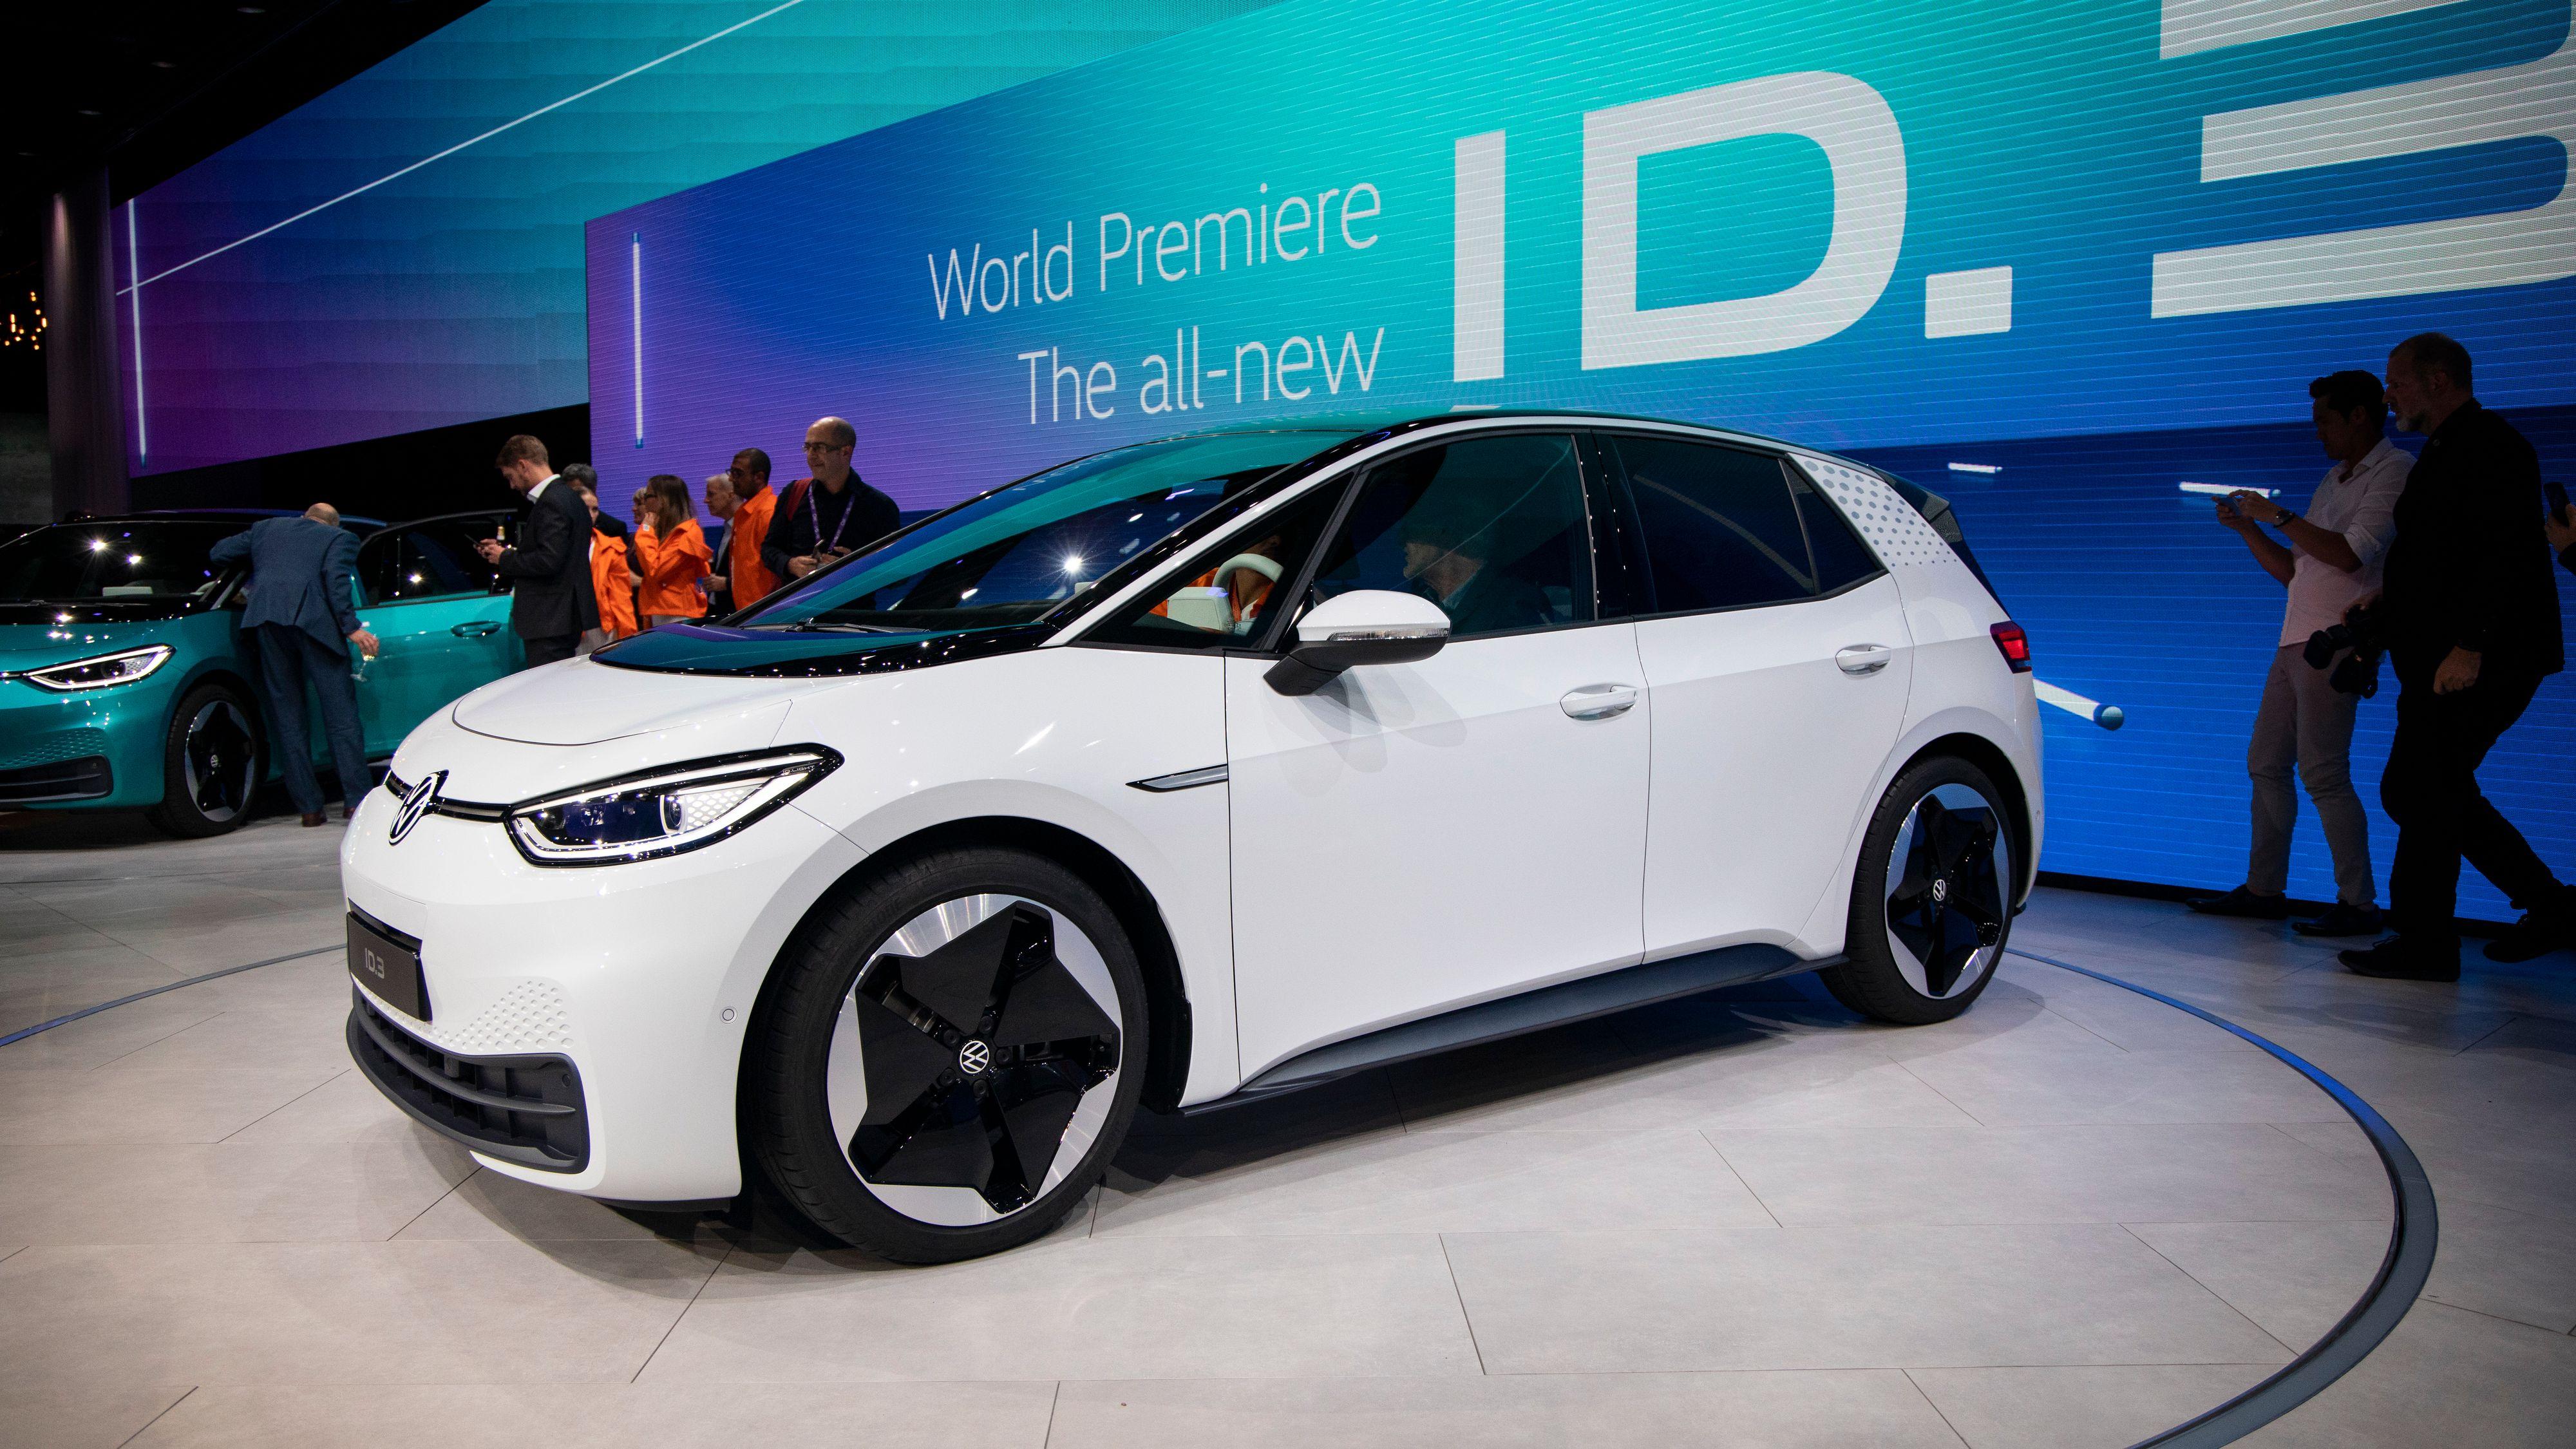 Nå er prisene på Volkswagen ID.3 klare